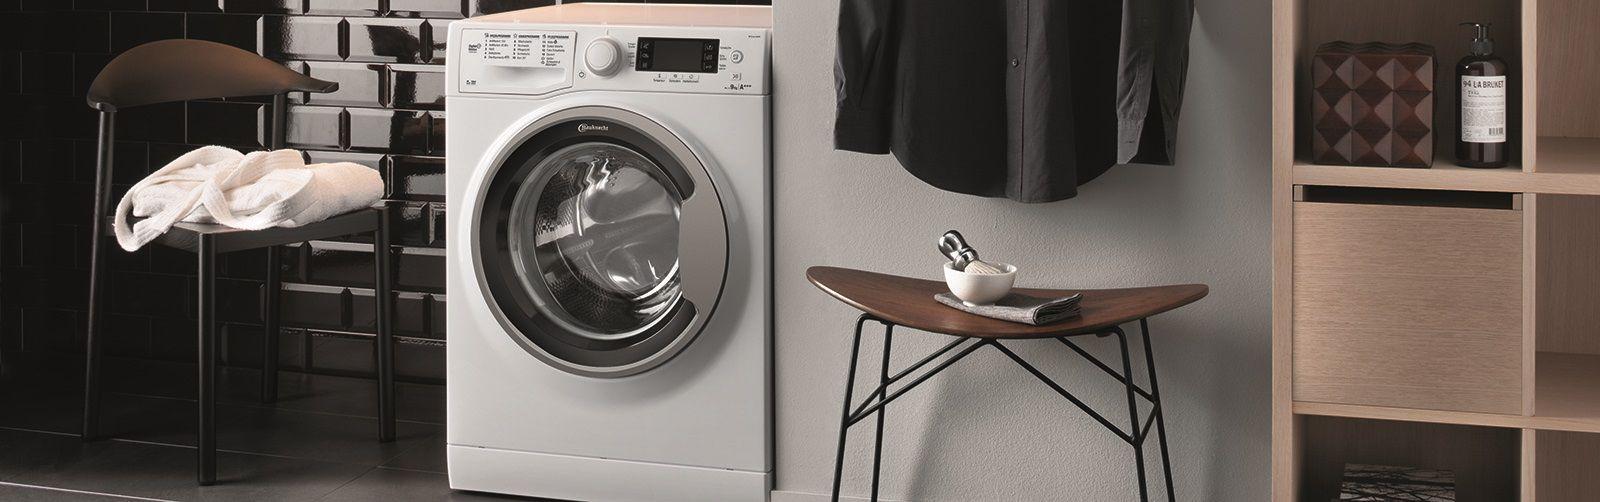 bauknecht waschen und trocknen medimax. Black Bedroom Furniture Sets. Home Design Ideas